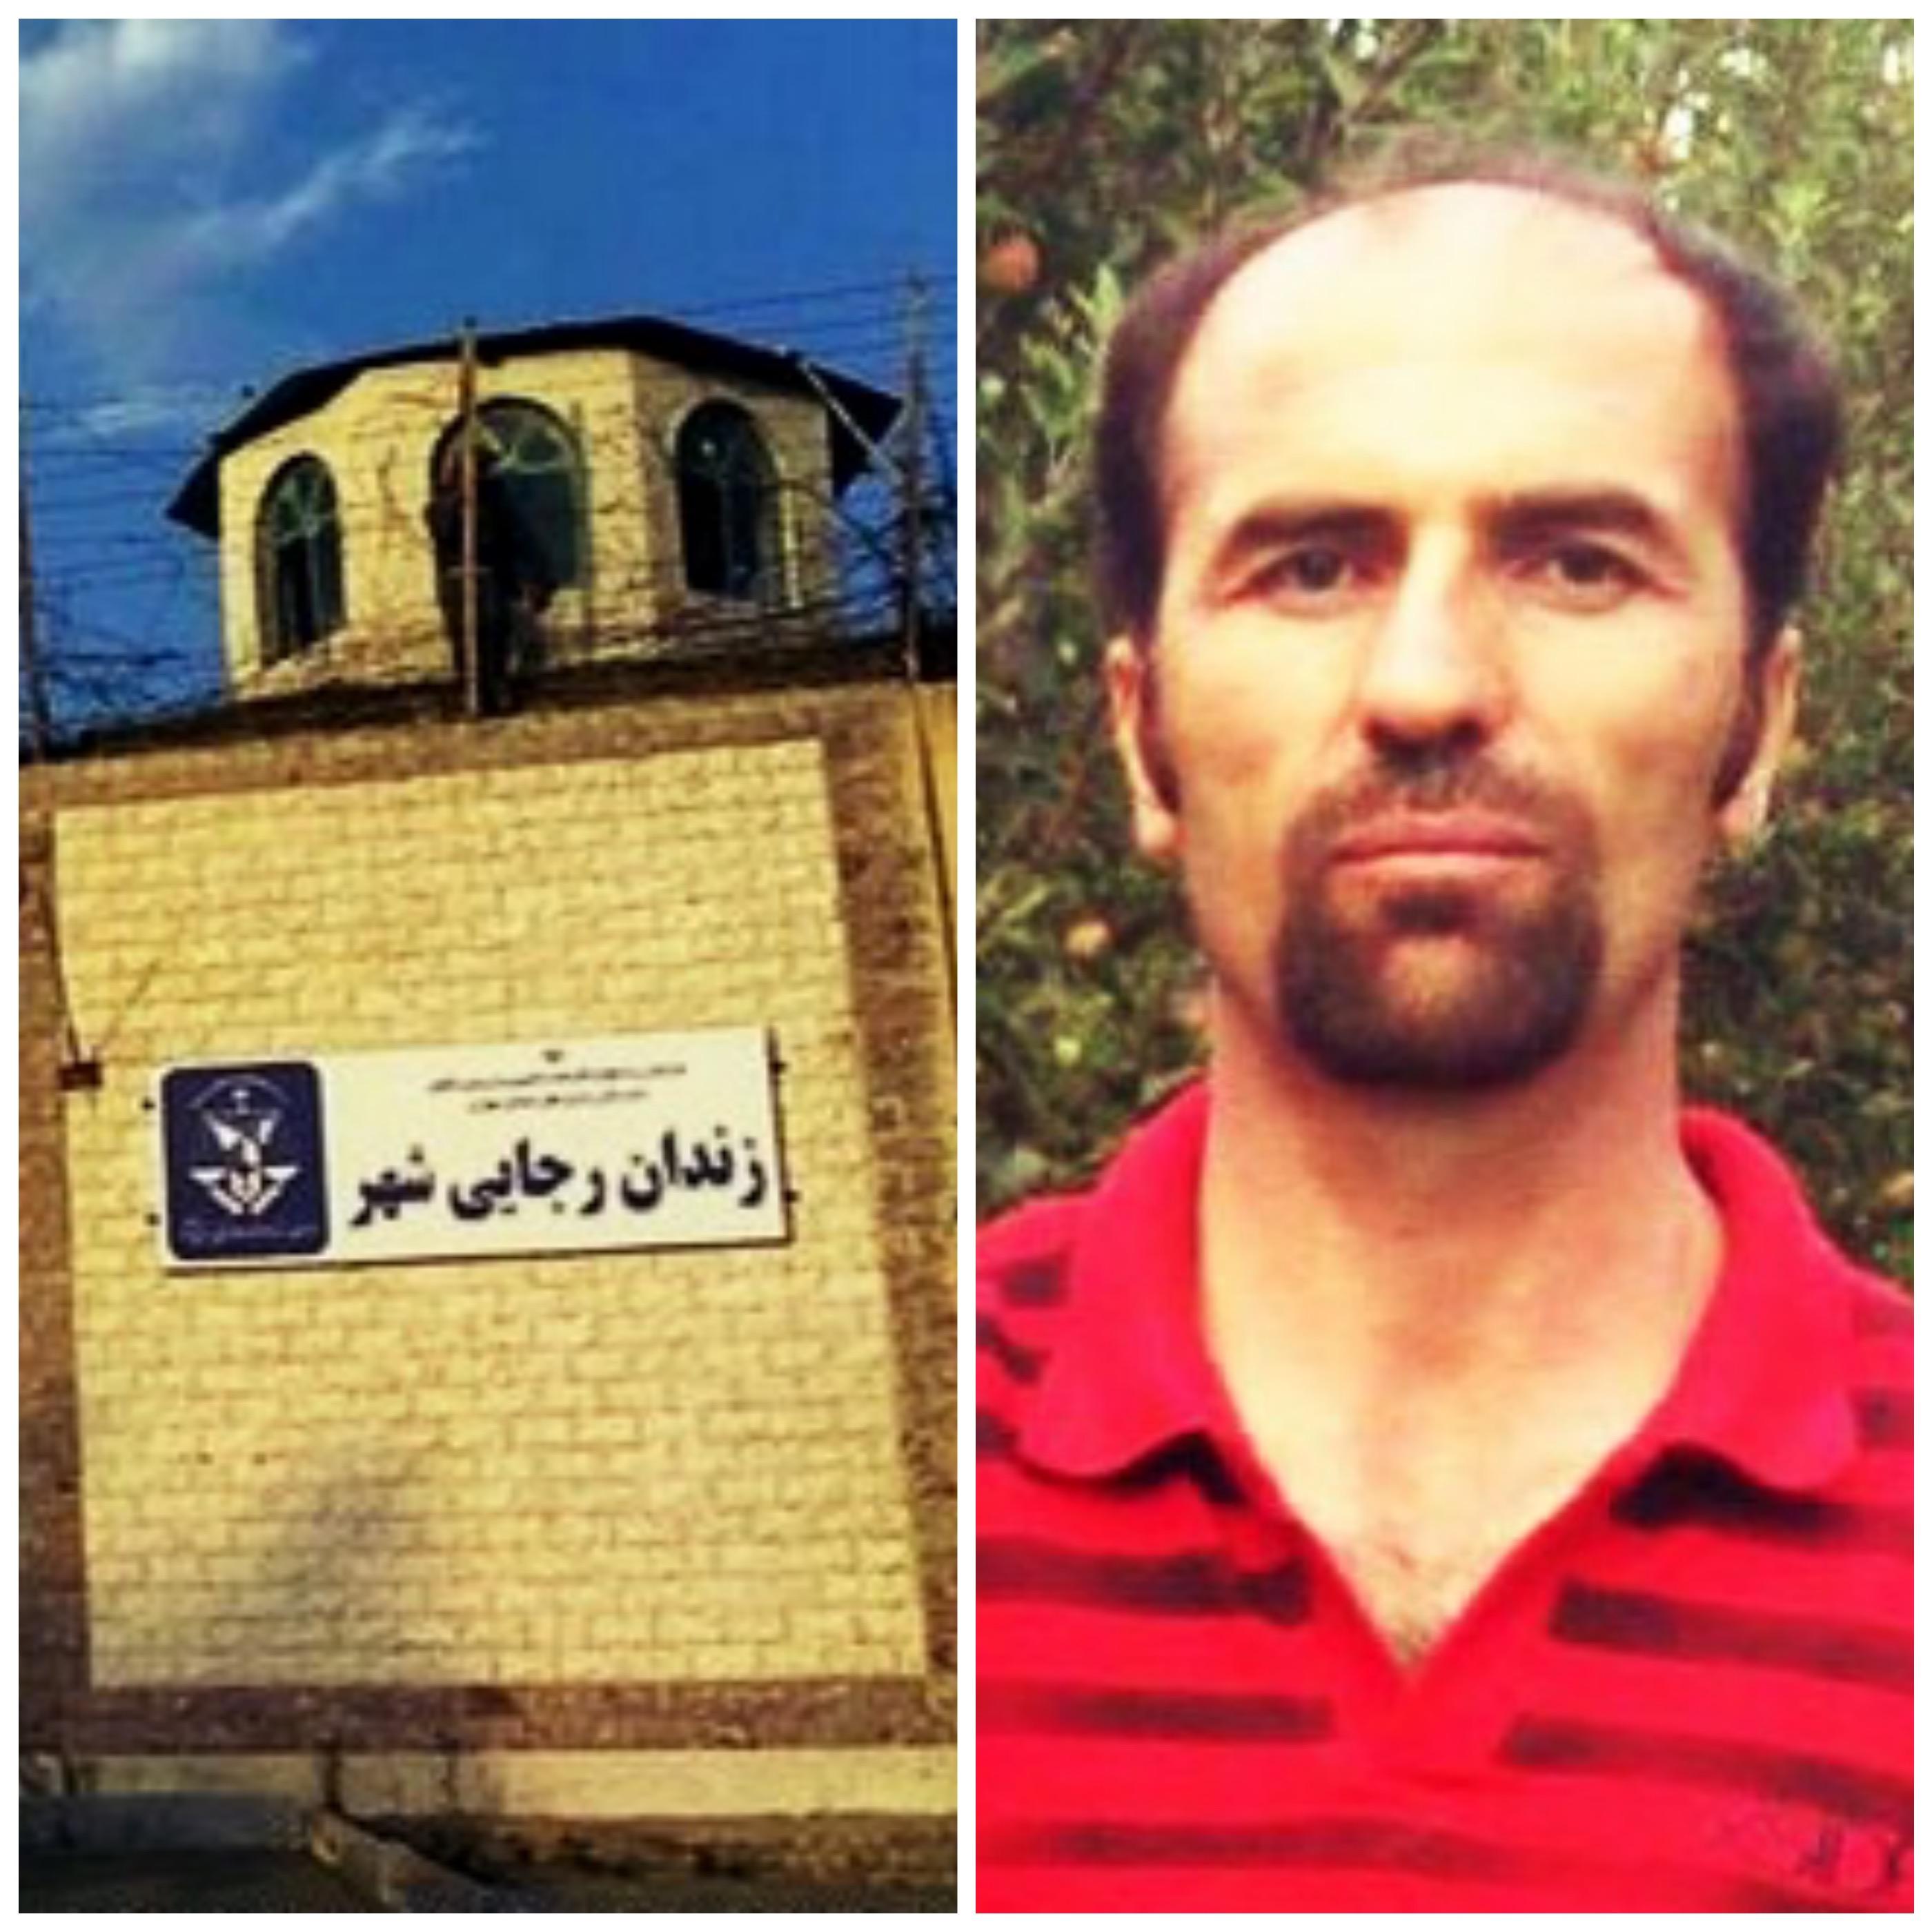 ضرب و شتم بهنام ابراهیمزاده از سوی زندانیان عادی